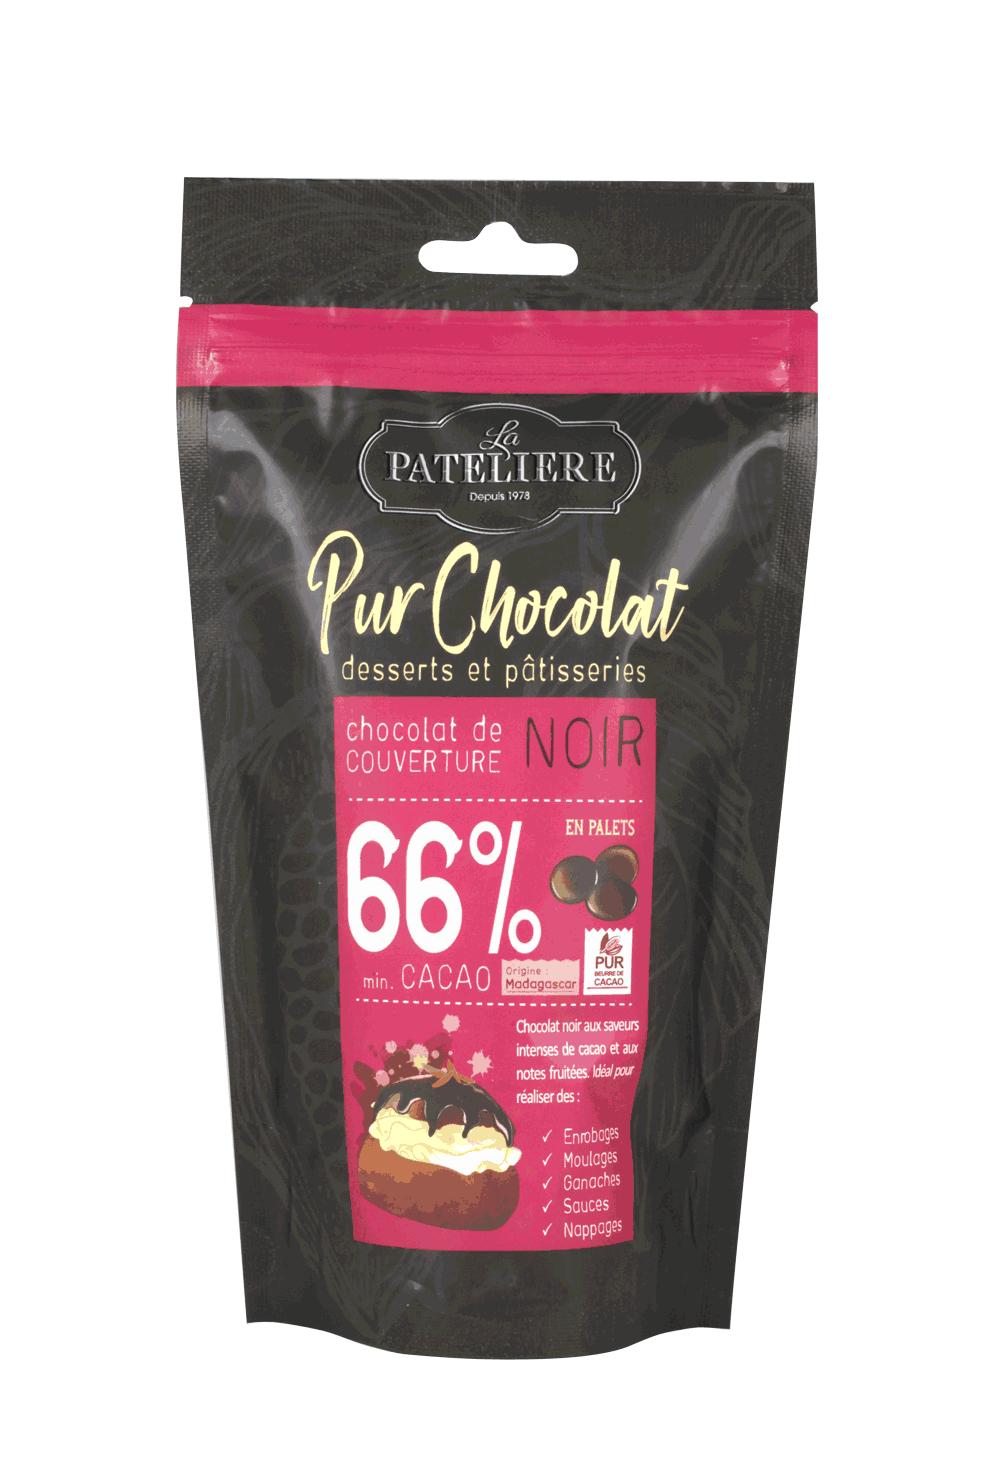 palets couverture 66 chocolat noir à pâtisser LA PATELIERE